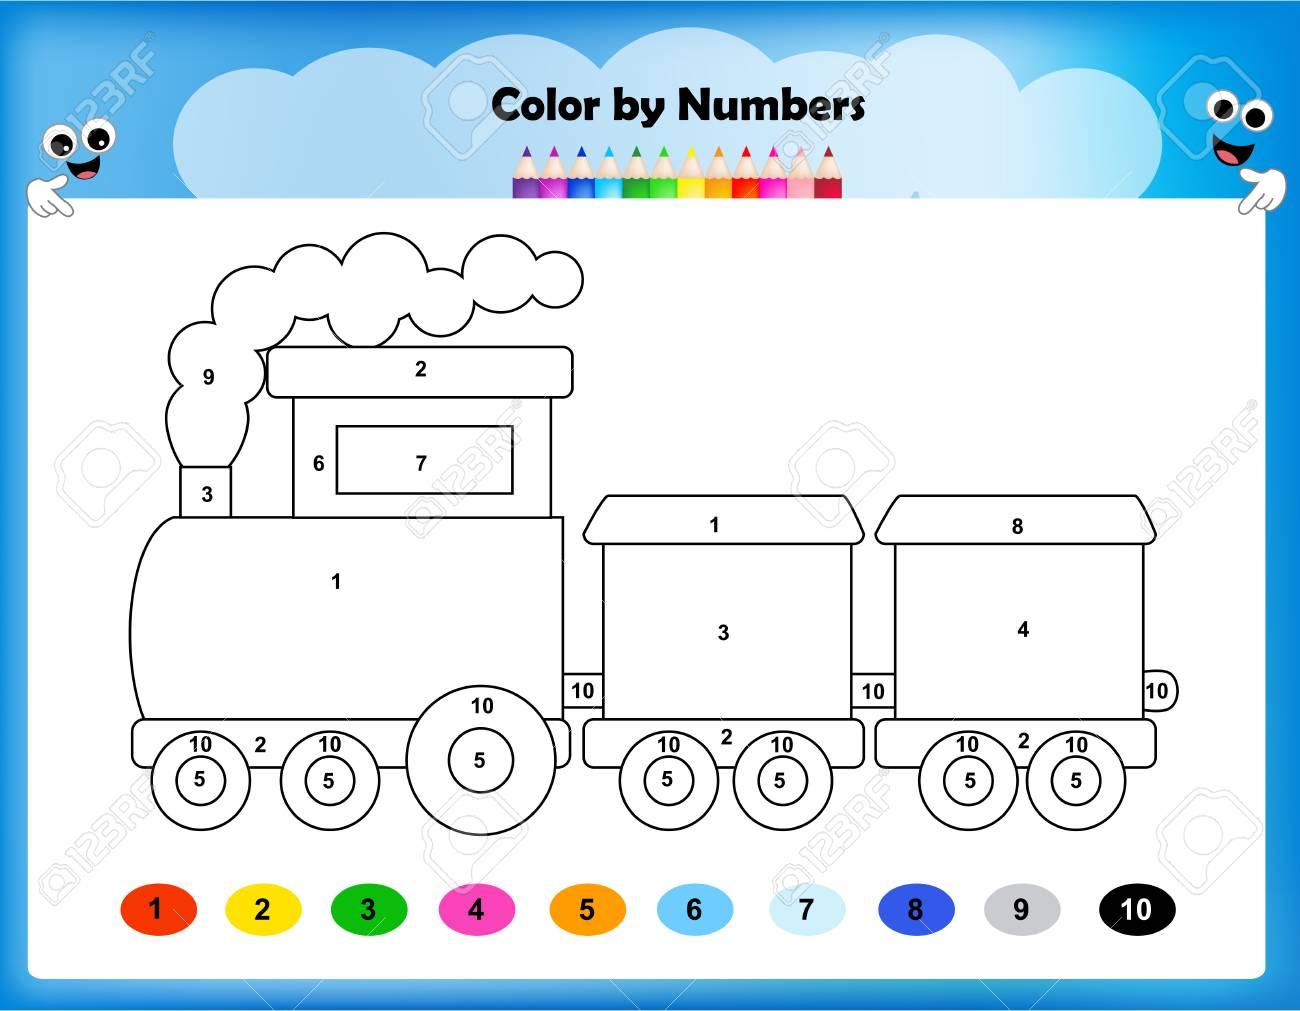 Worksheet - Color By Numbers Train Worksheet For Preschool Kids ...